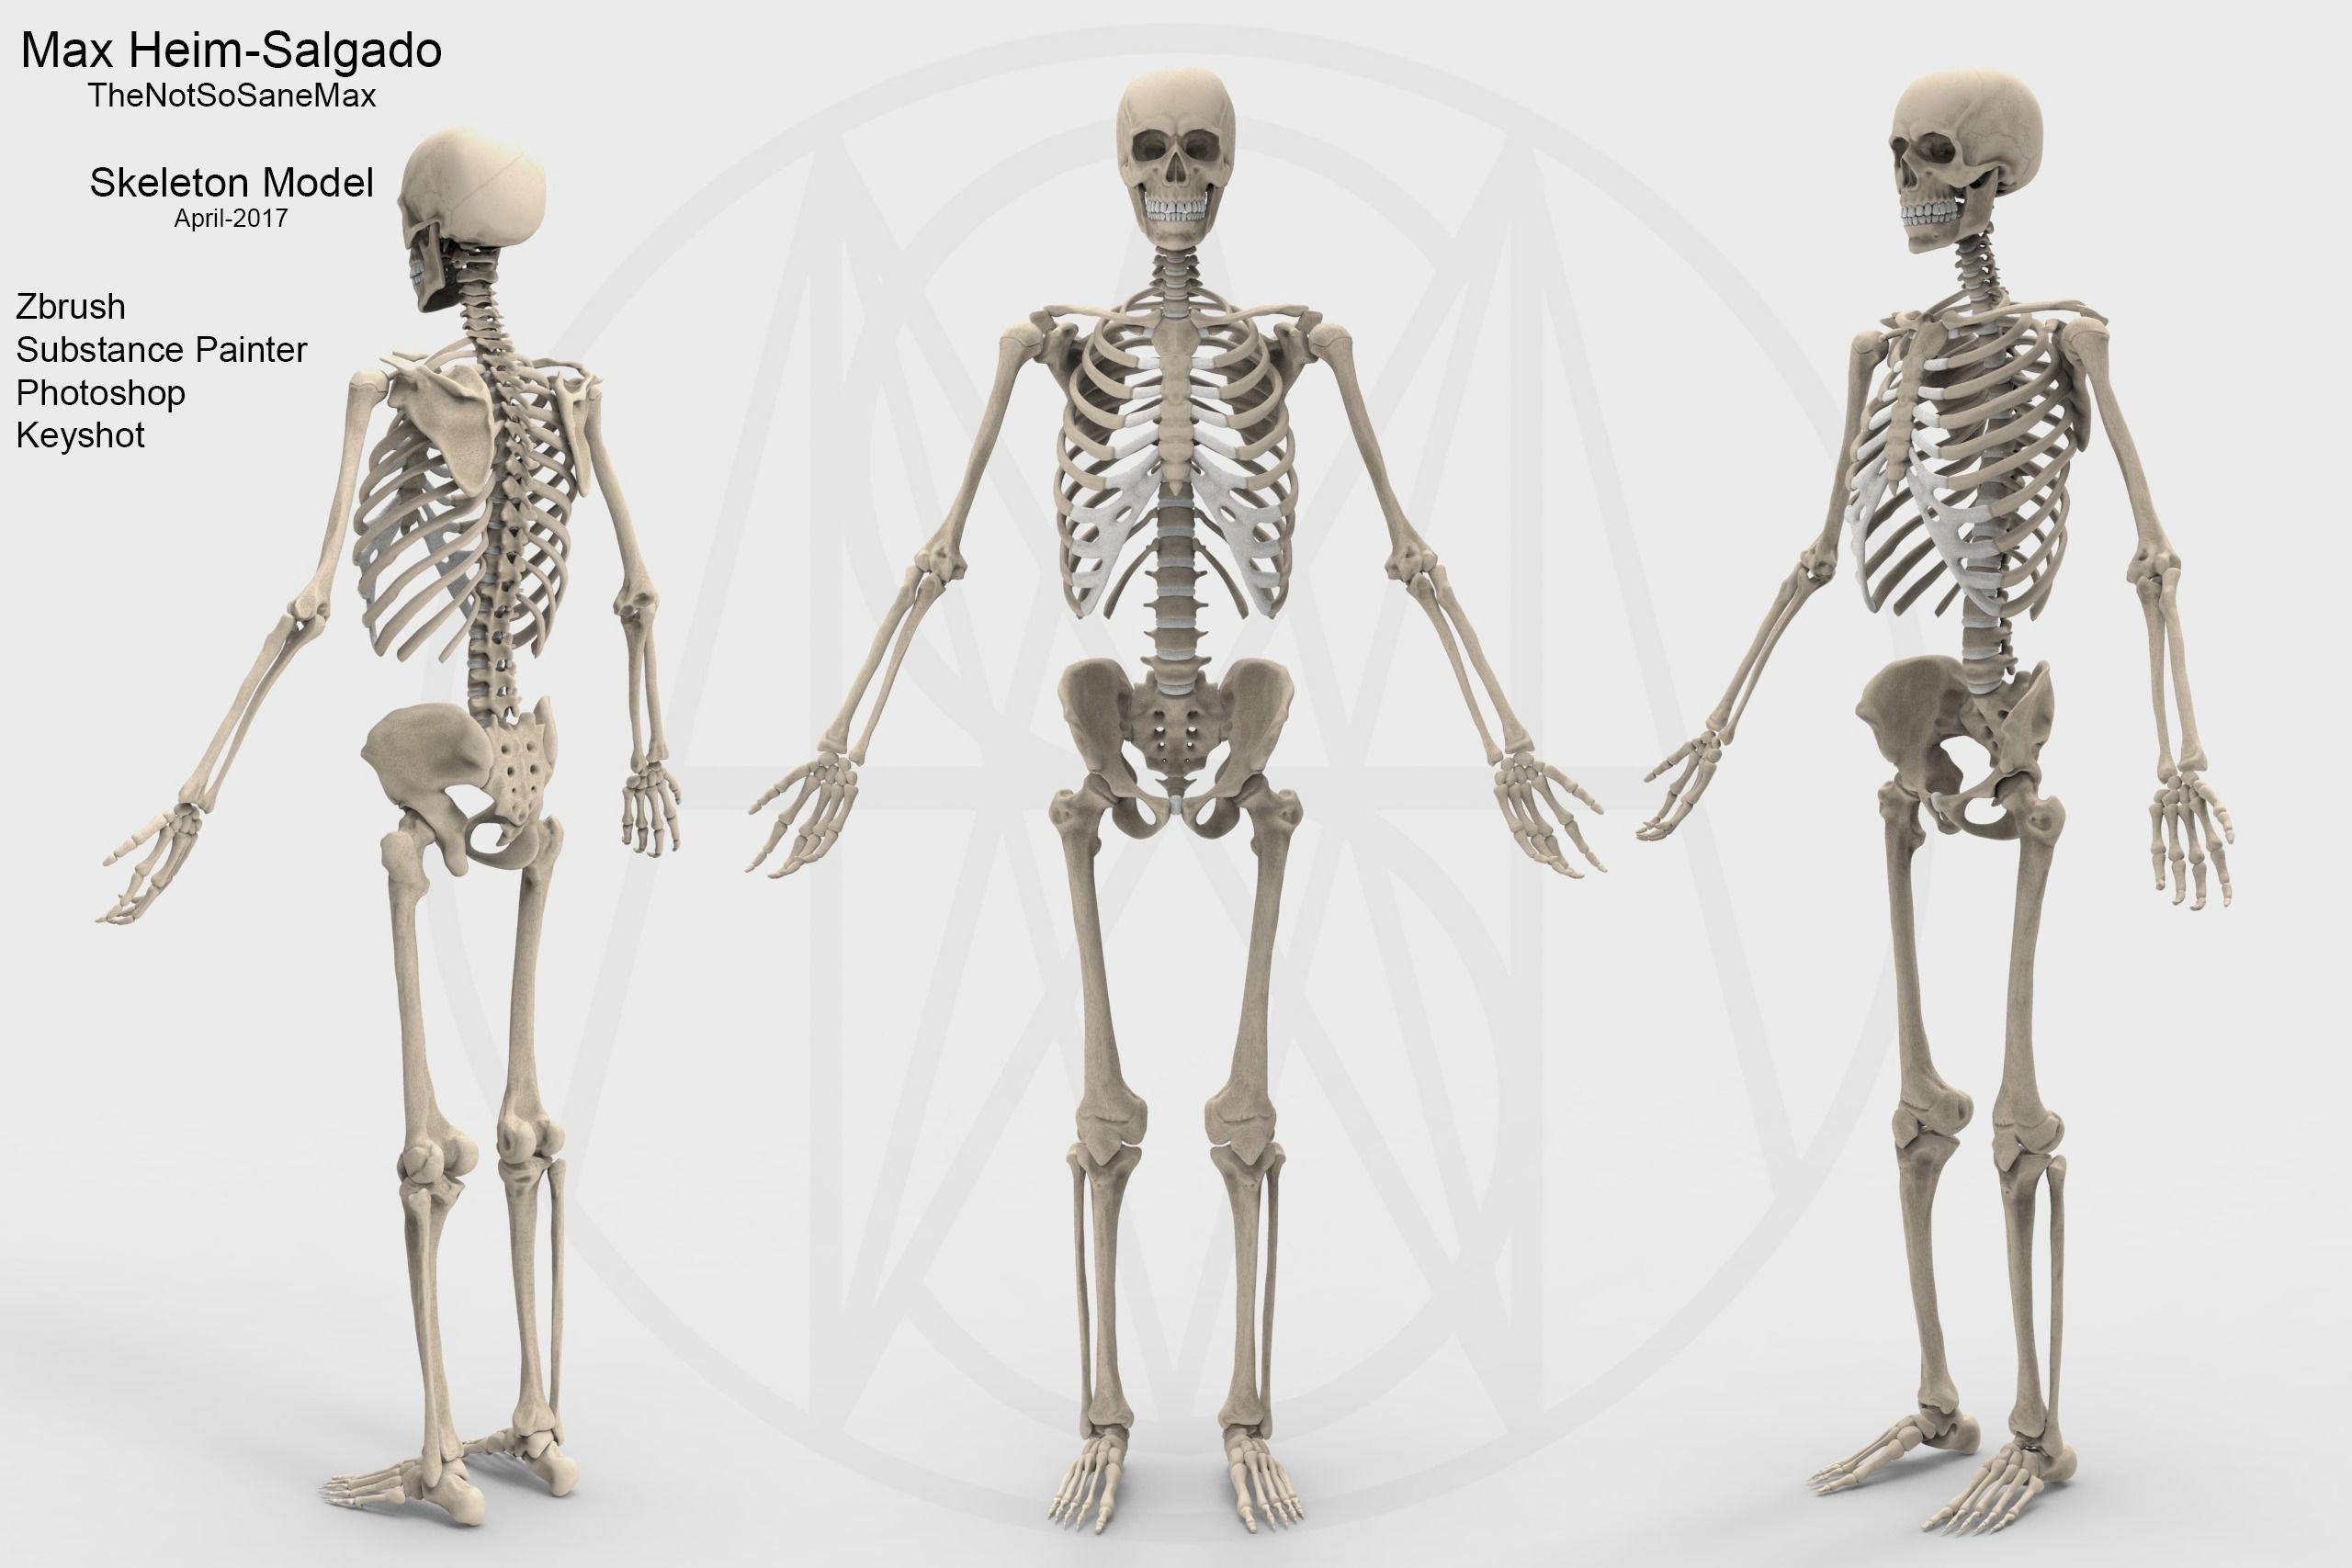 Tolle Zbrush Menschliche Anatomie Fotos - Anatomie Ideen - finotti.info